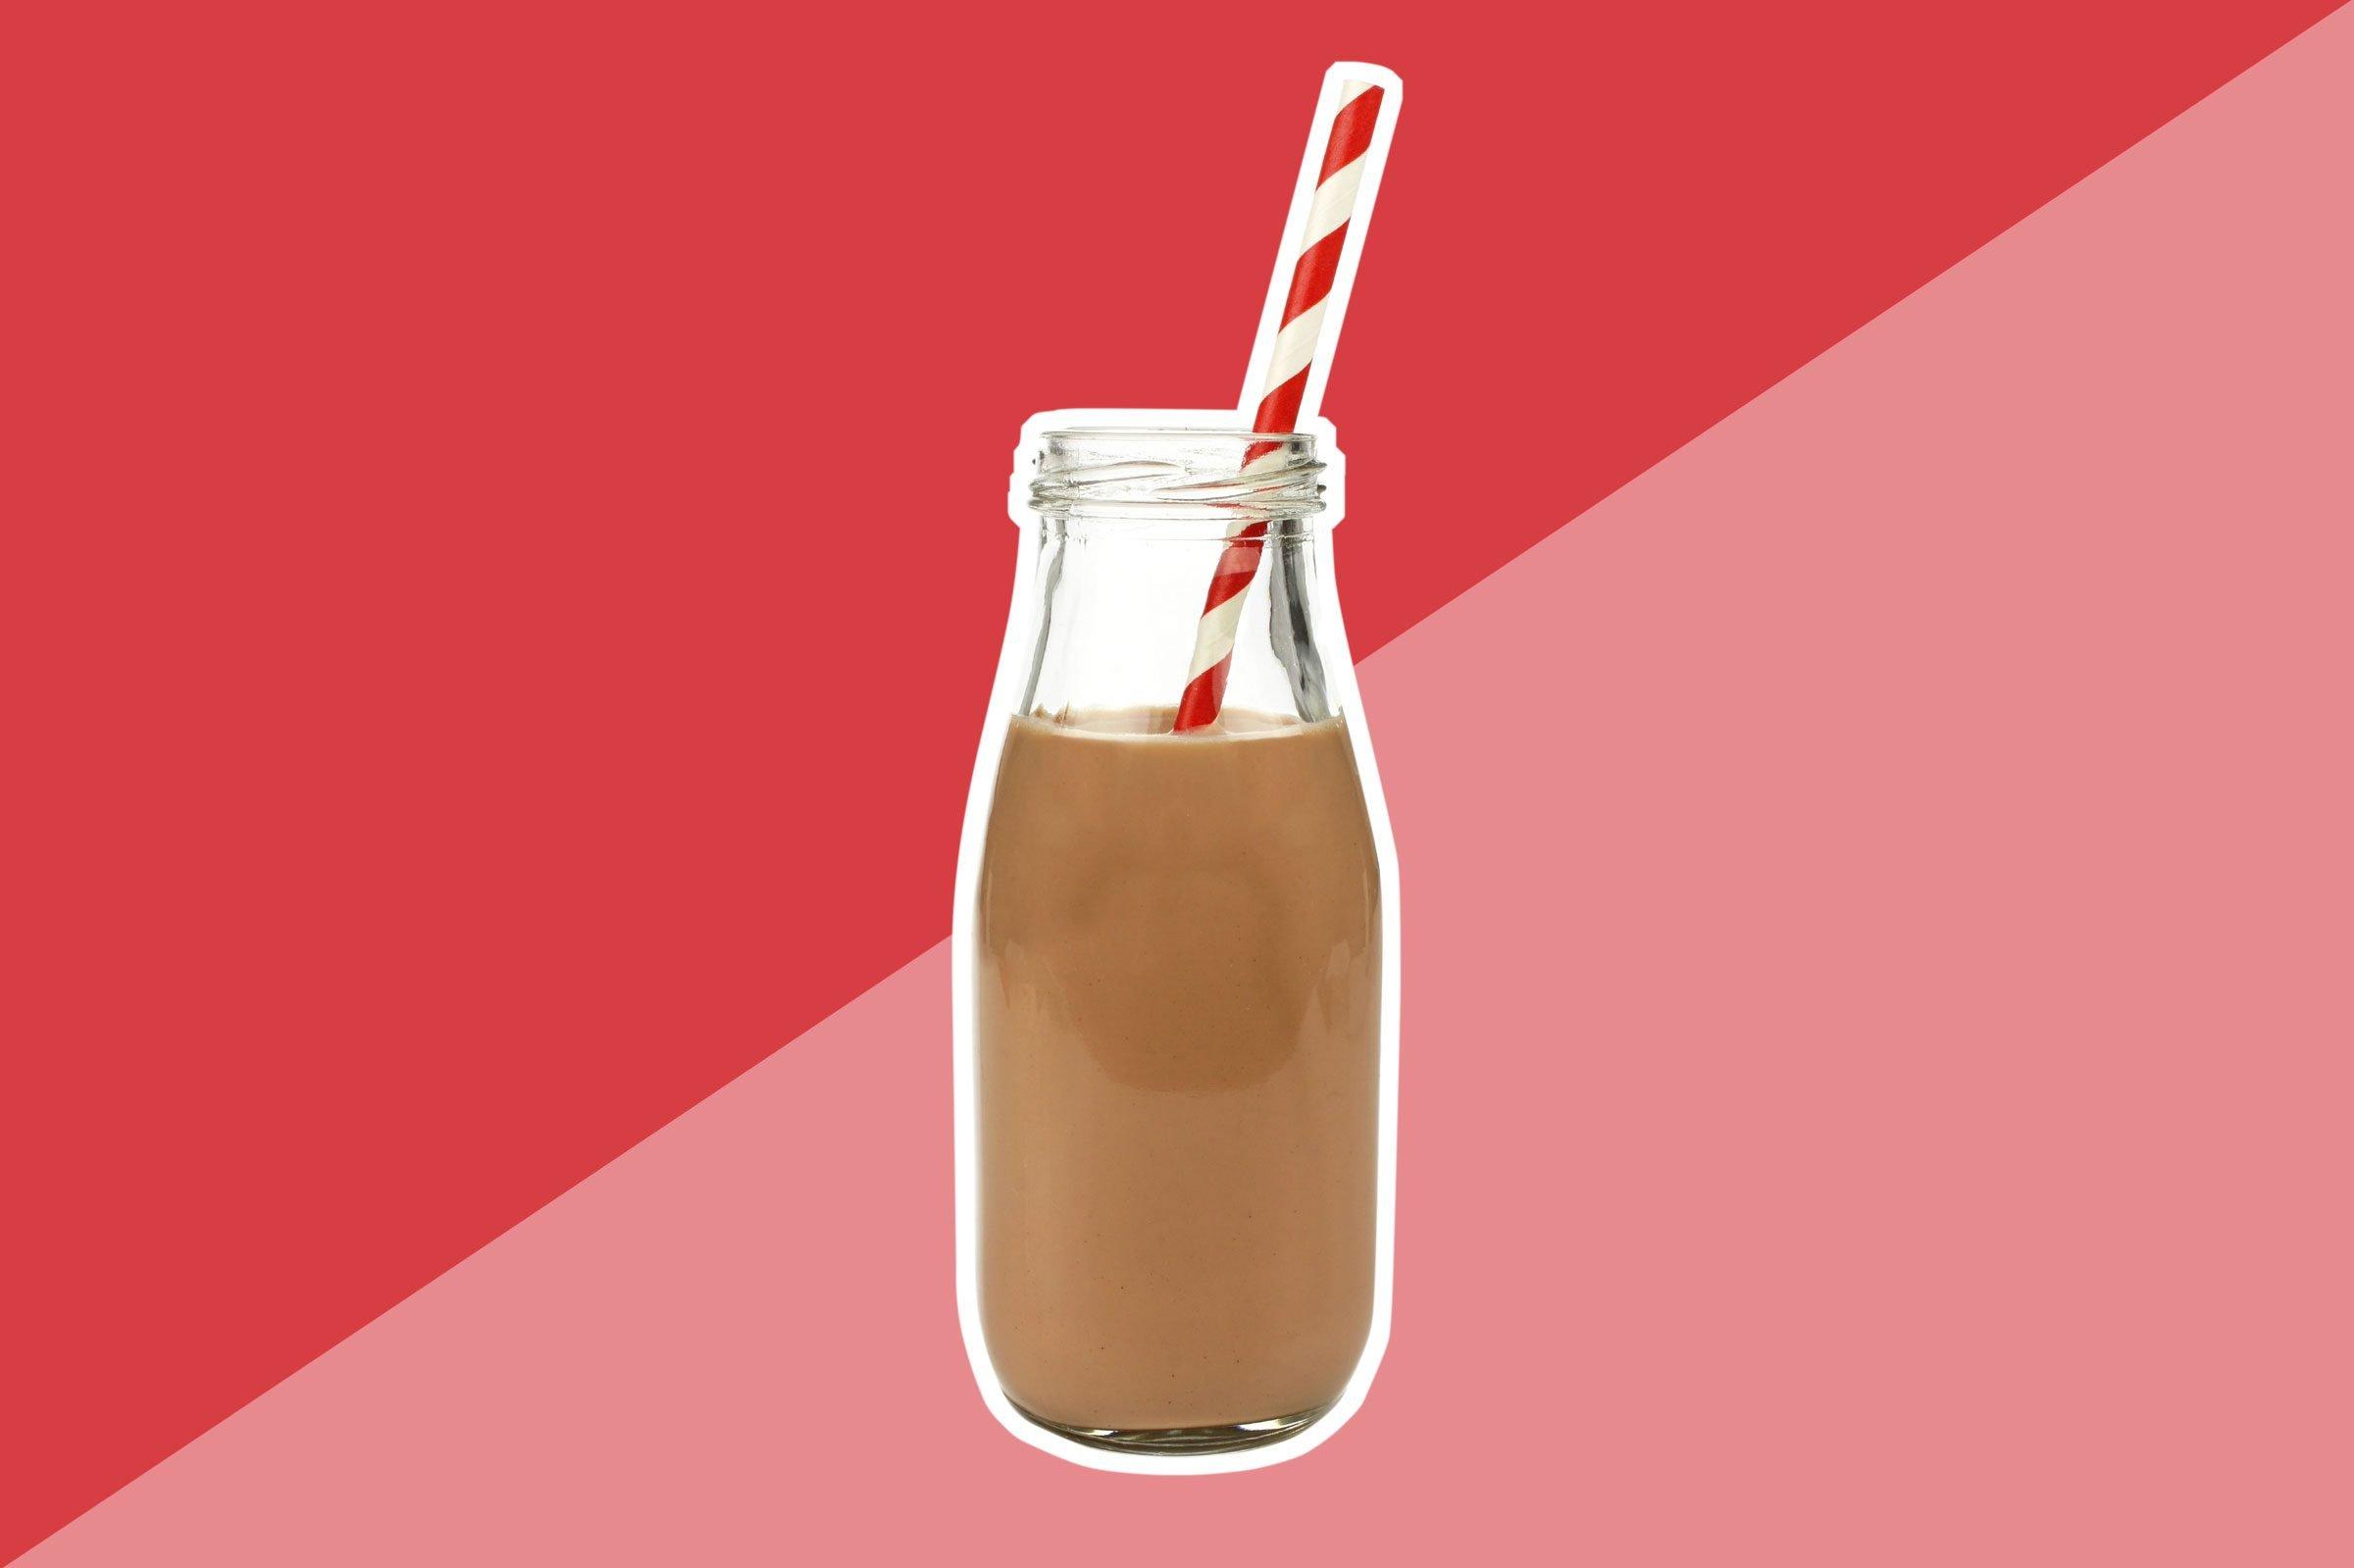 Flavored non-dairy milks